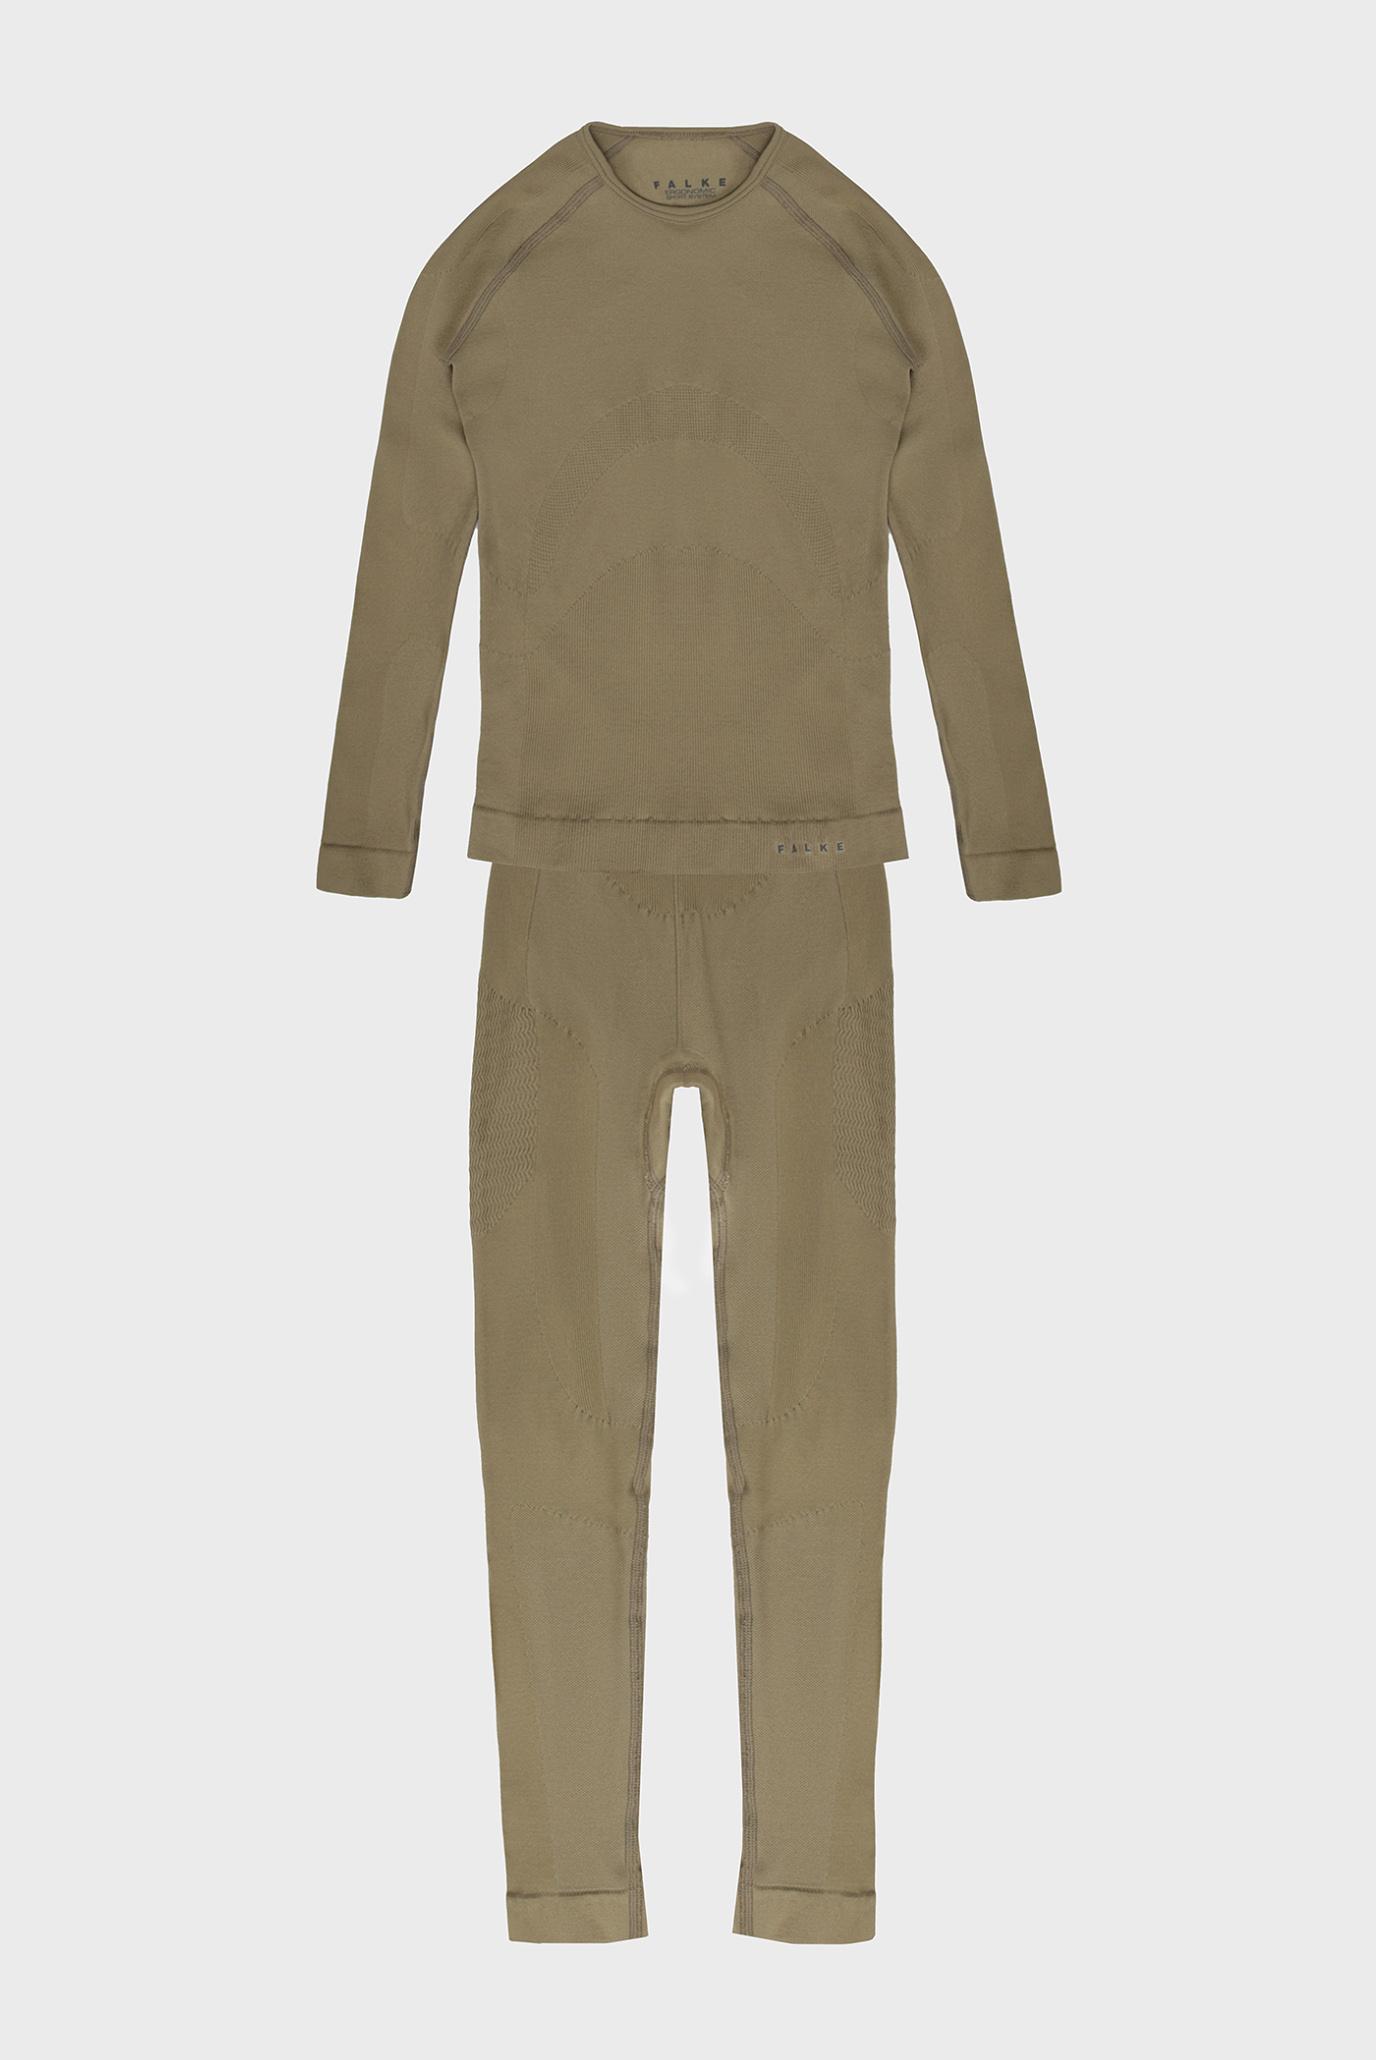 Дитяча оливкова термобілизна (лонгслів, брюки) Maximum Warm 1